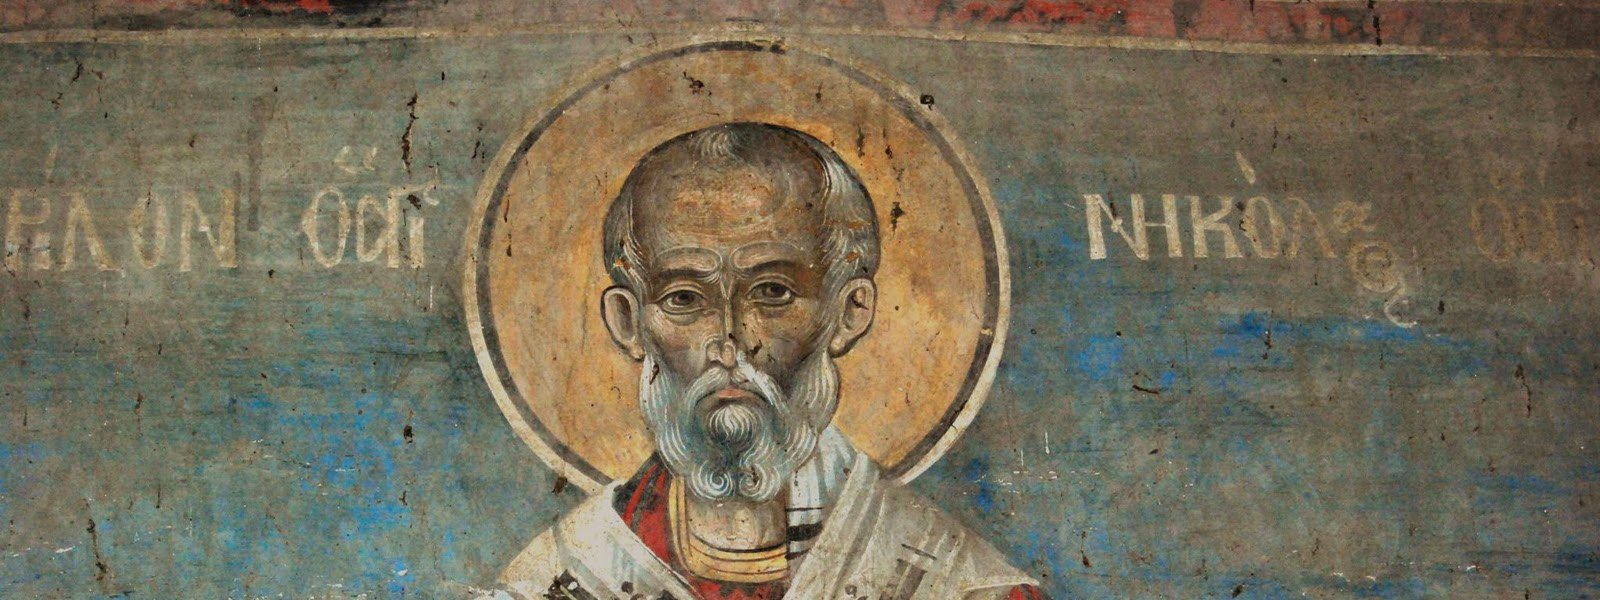 The Santa Mythos